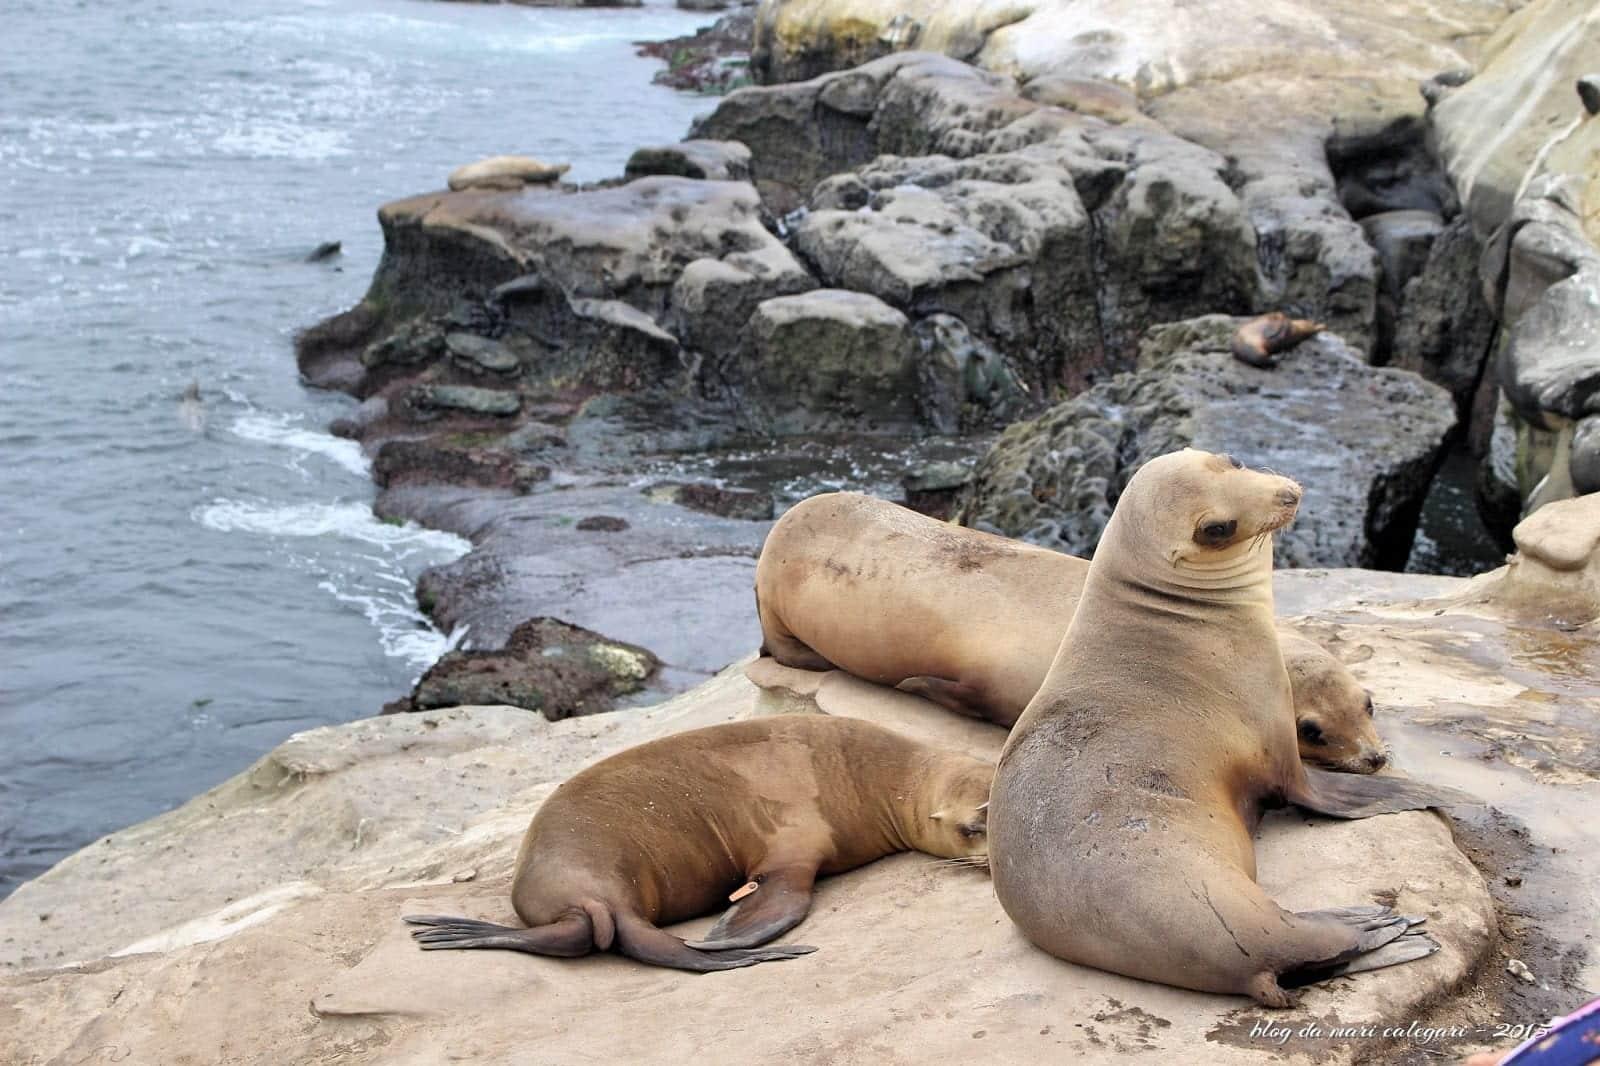 Leão-marinho - Características, onde vivem e espécies